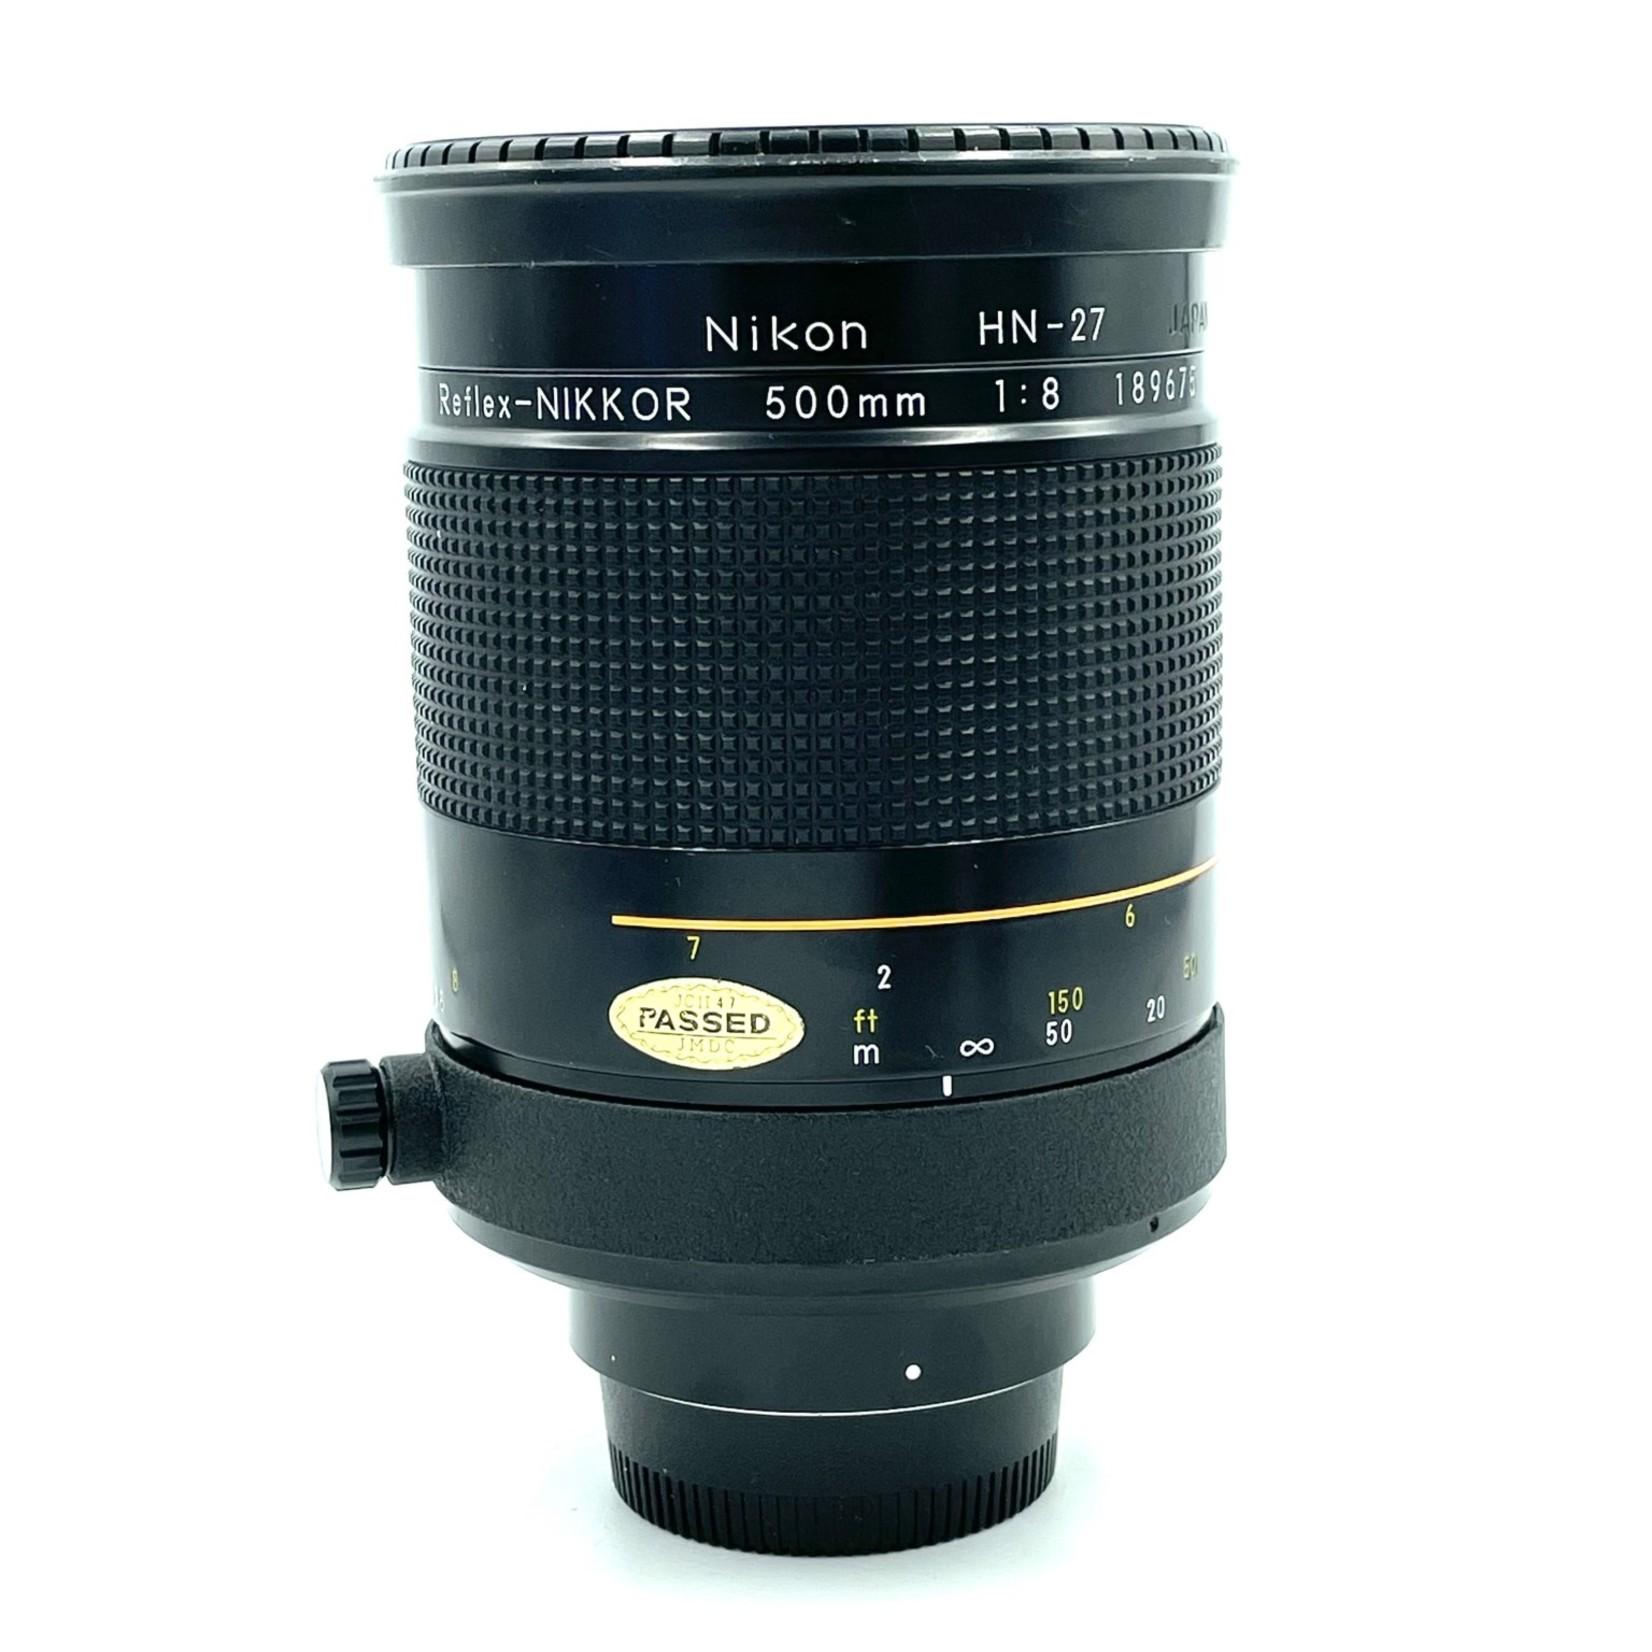 Nikon #1062 Nikon 500mm Reflex